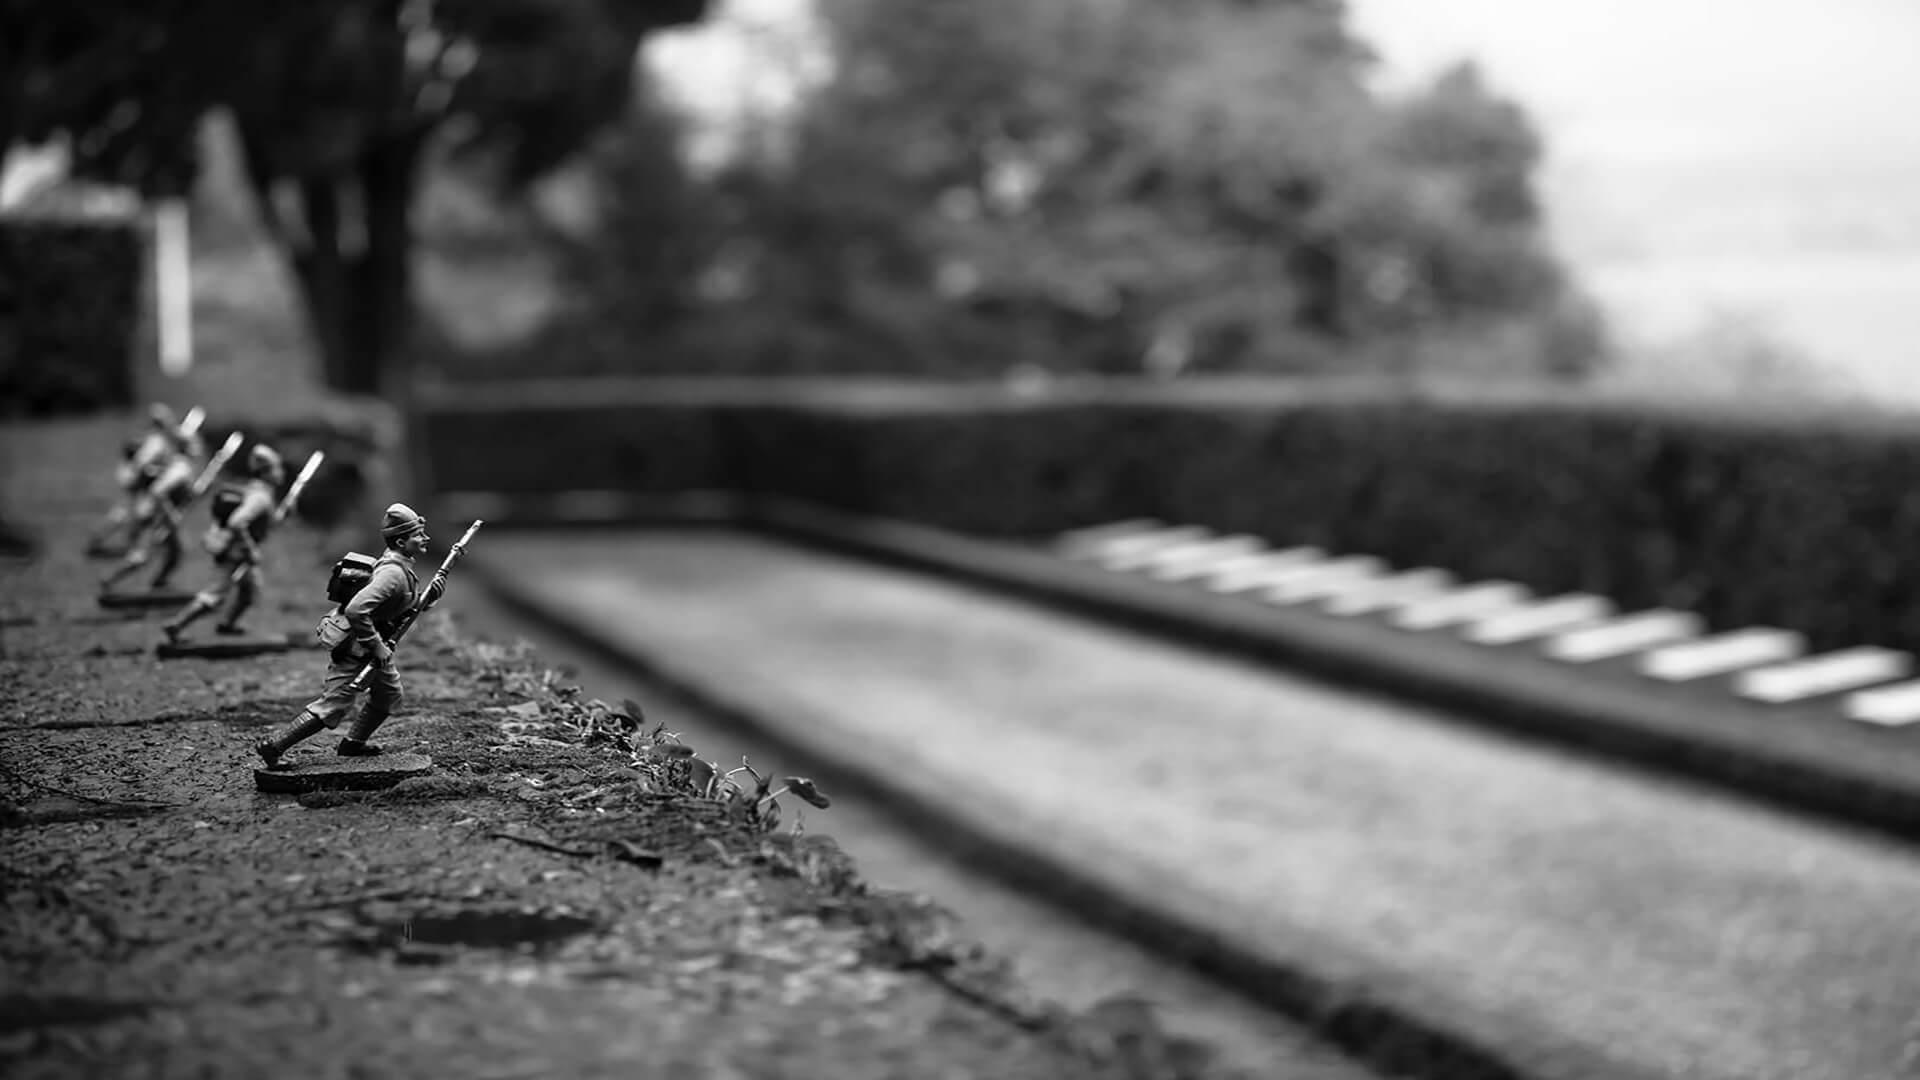 Tarabya Kültür Akademisi, 1.Dünya Savaşı'nda şehit düşen Birinci Dünya Savaşı'nda ölen Alman askerlerinin gömüldüğü ve şu anda Alman Büyükelçisinin yazlık konutunun da yer aldığı Tarabya Kültür Akademisi. © Enis Yücel